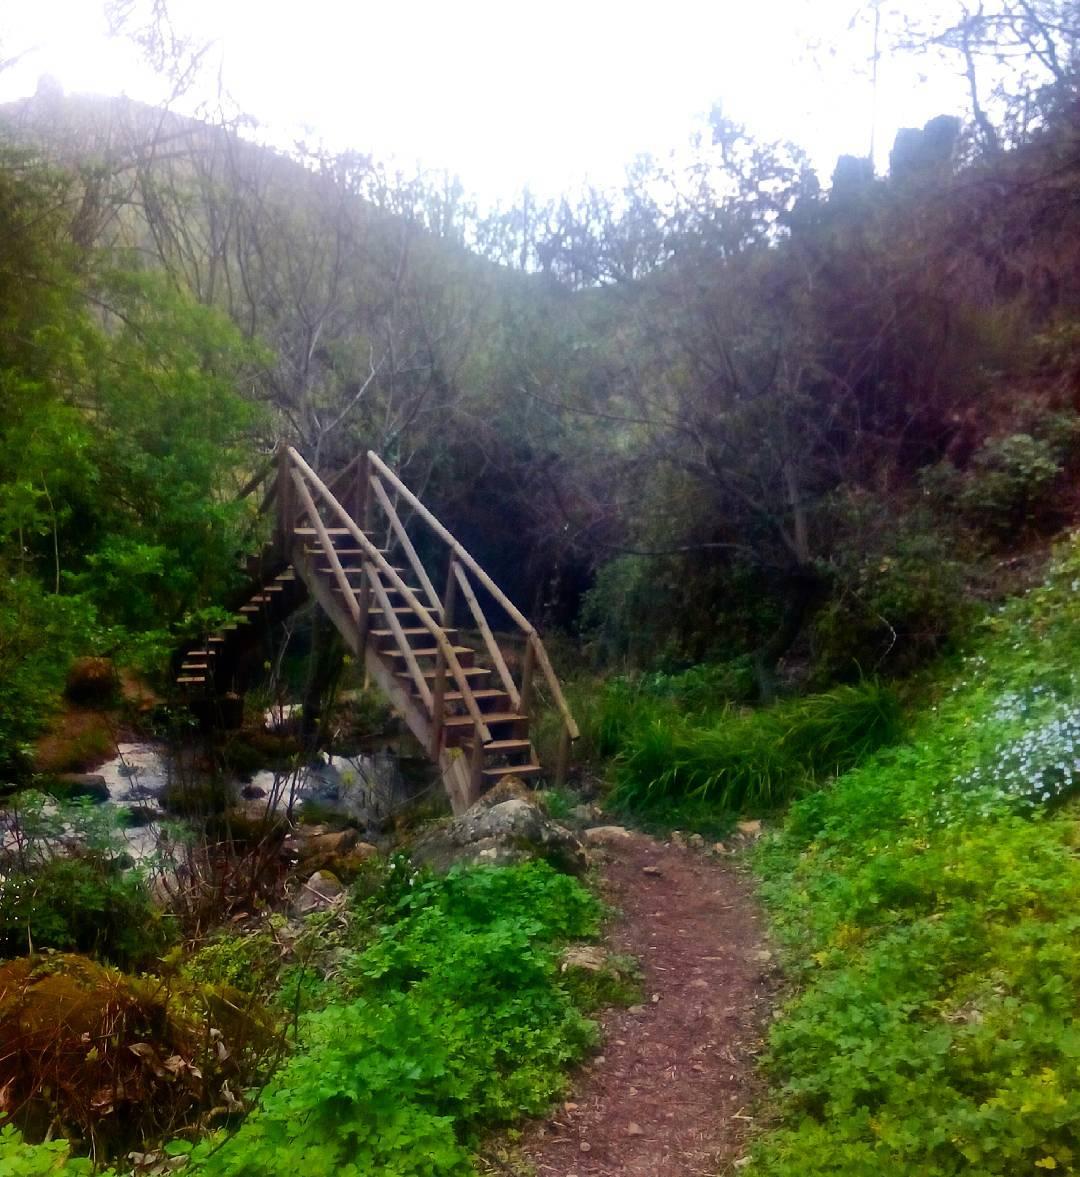 Ro Cerezuelo belleza natural a 10 minutos de casa walkinghellip